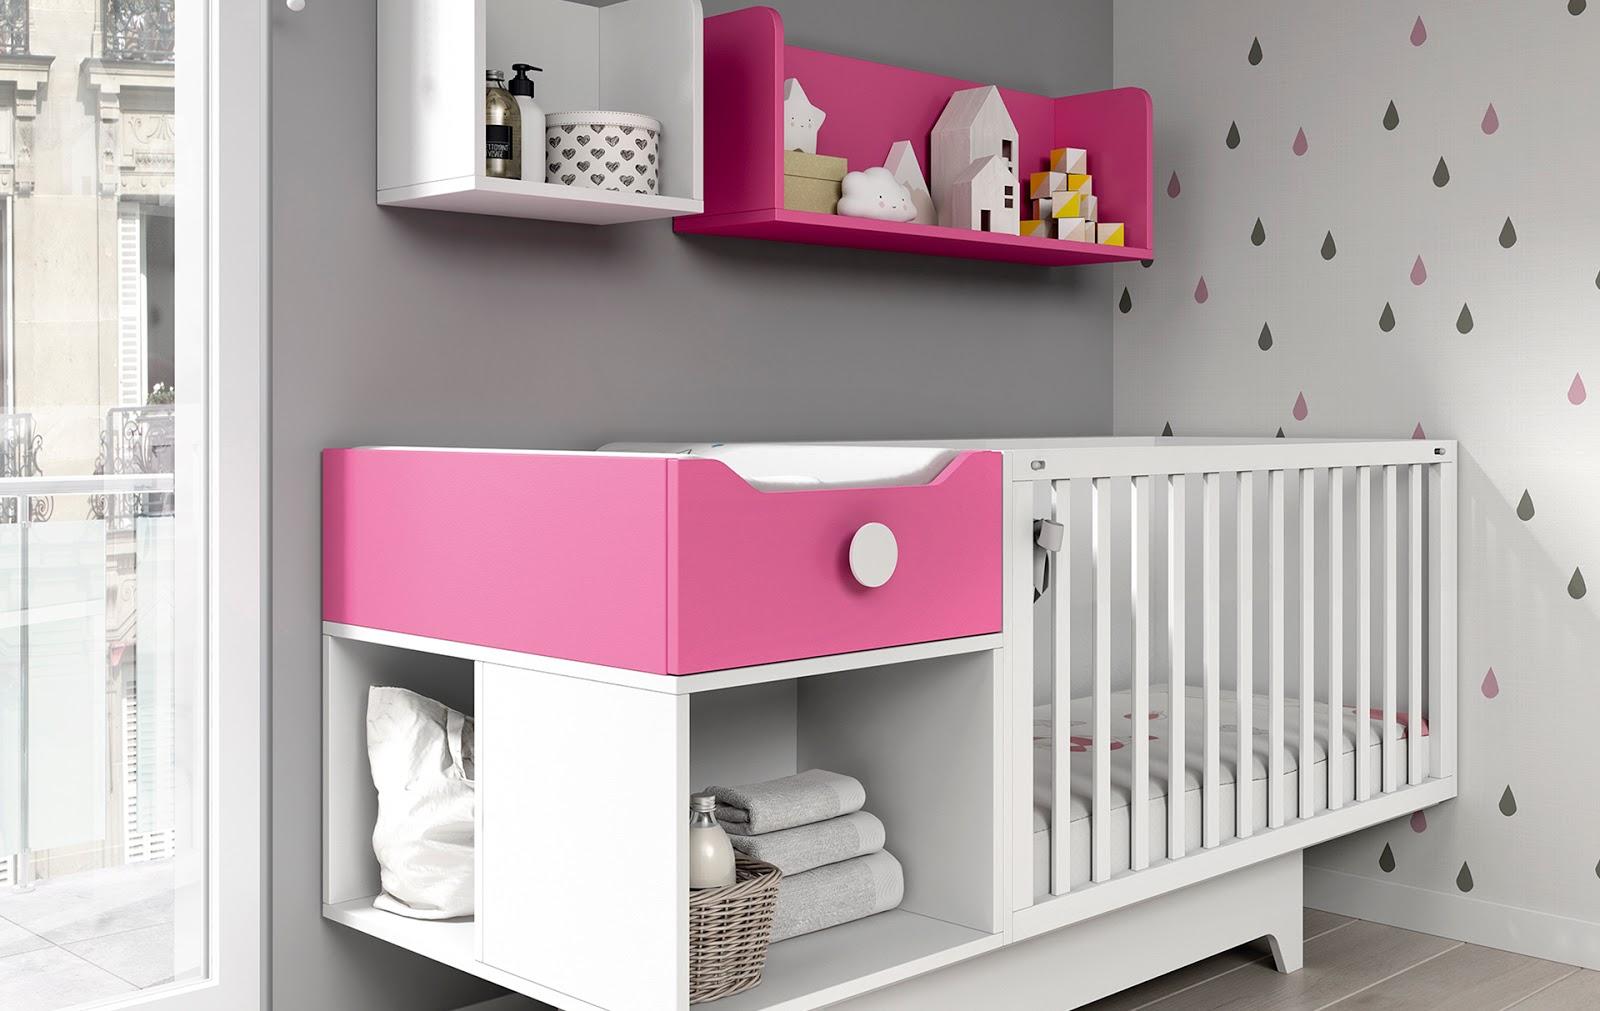 Cunas para bebes ros cunas convertibles de ros en xikara for Donde comprar muebles en madrid